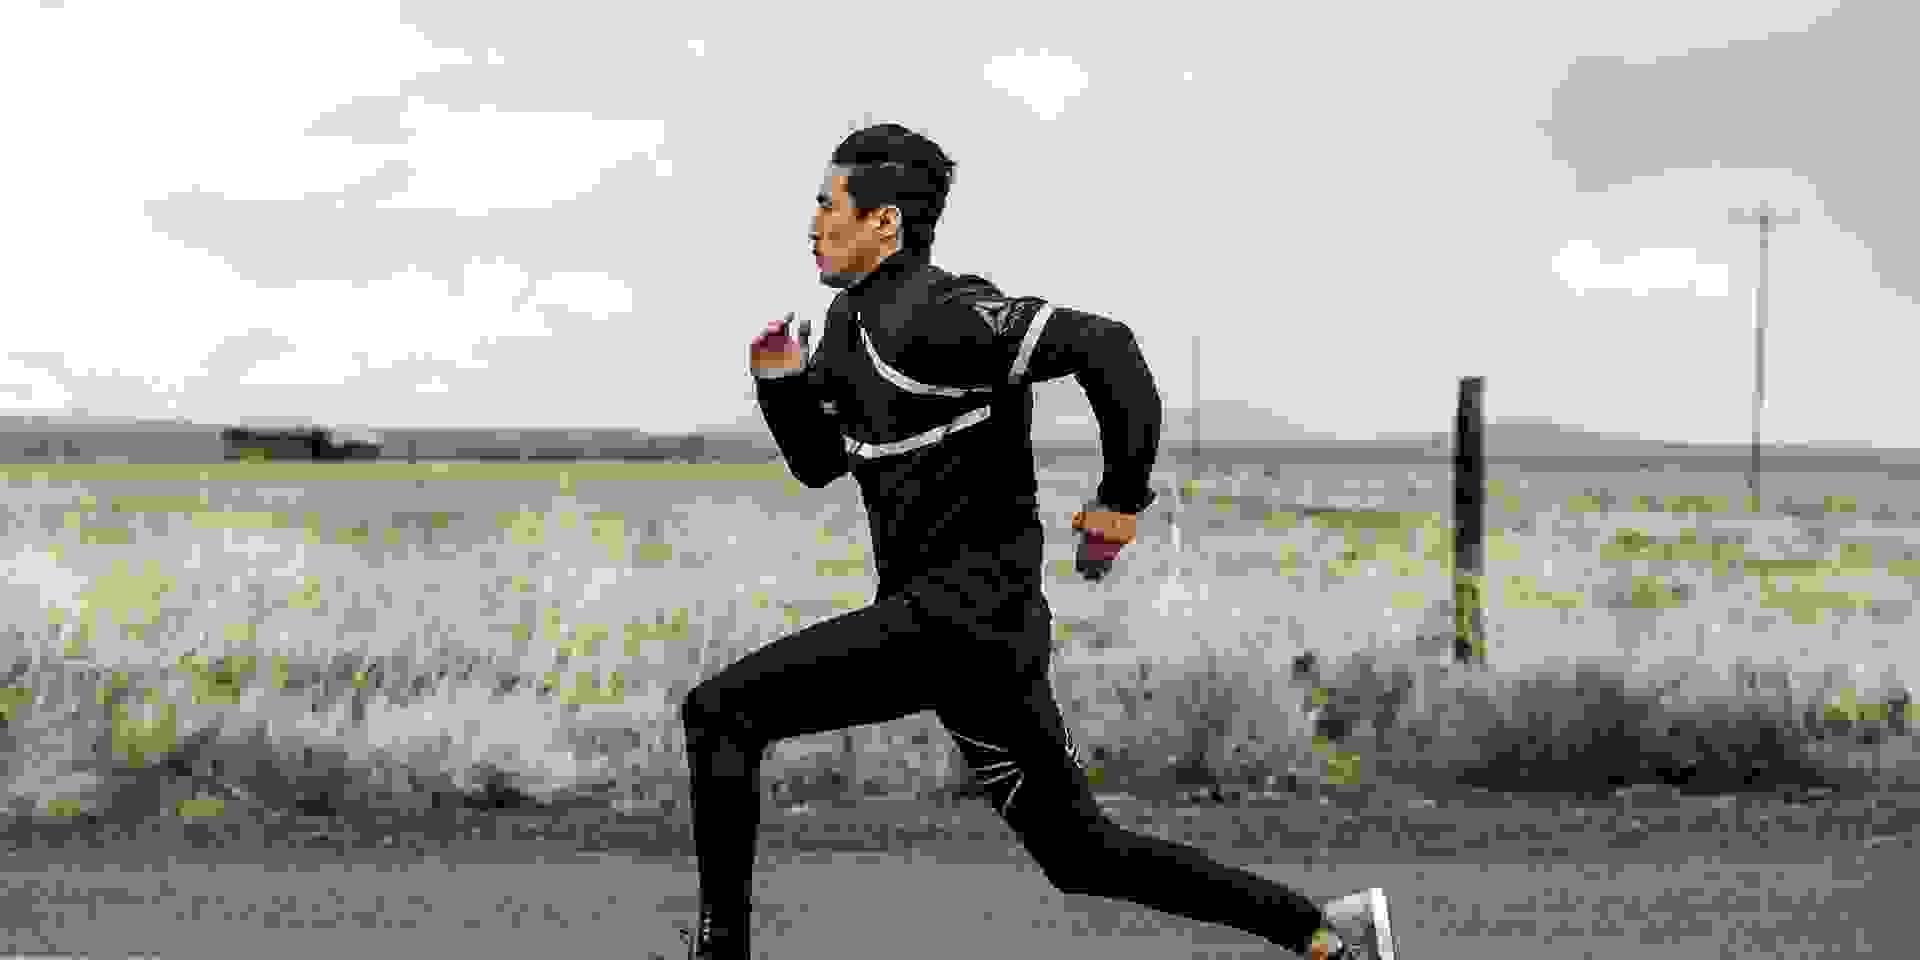 Ein Mann trainiert schnellen Lauf